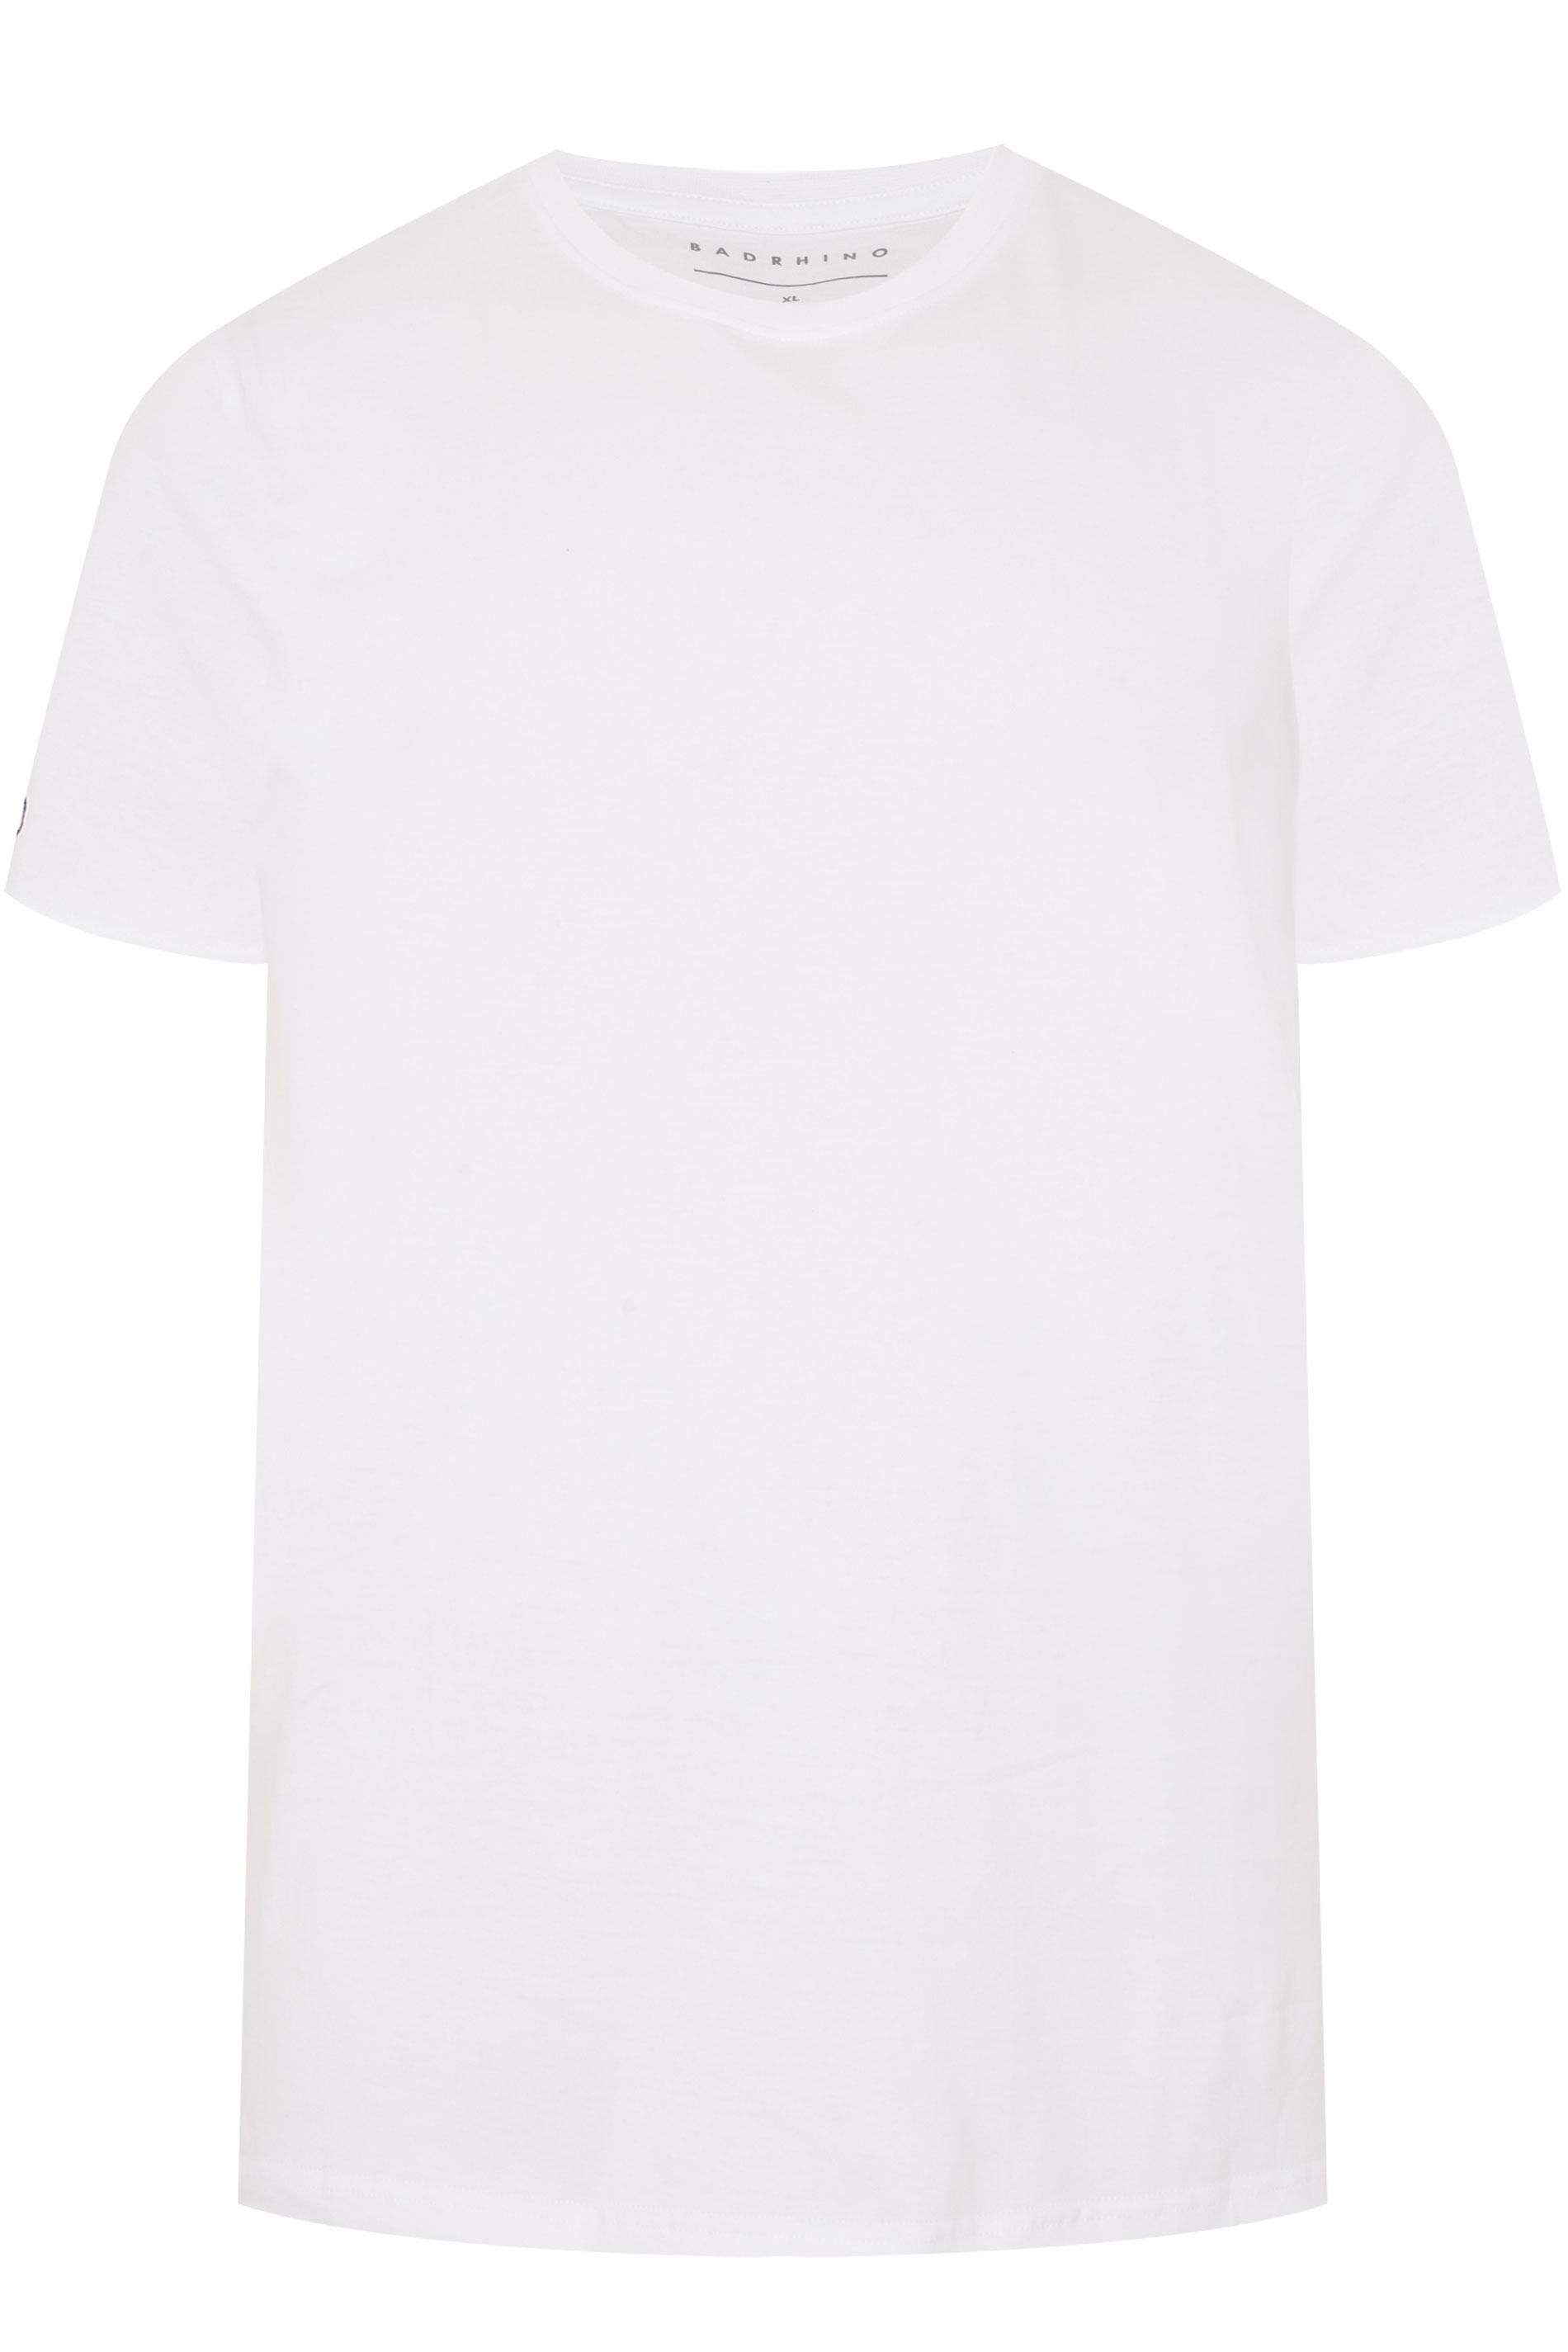 BadRhino White Embroidered Logo T-Shirt